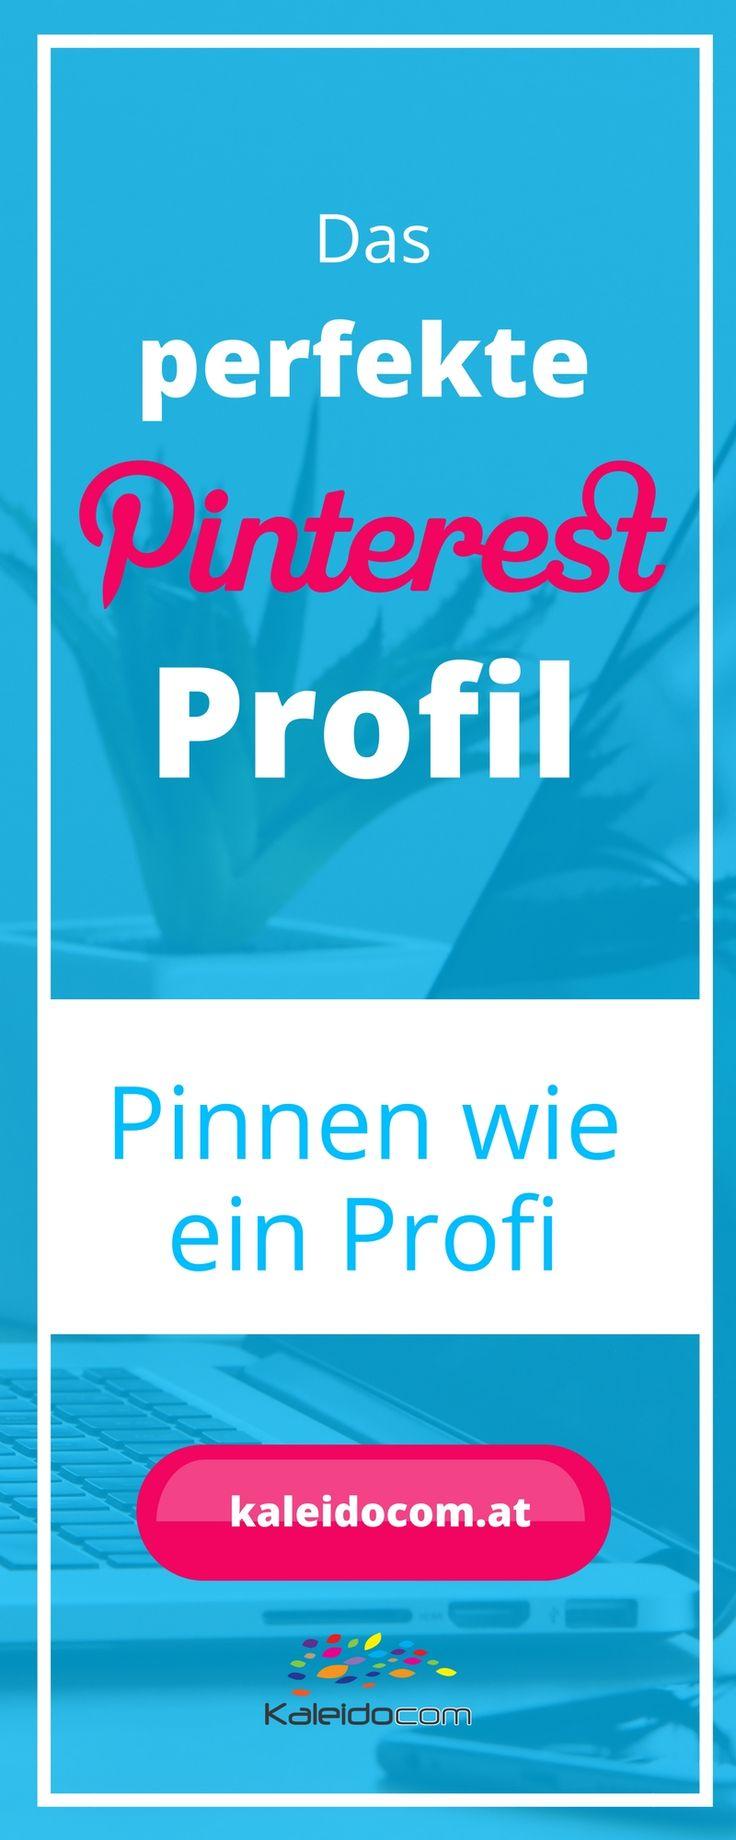 In Deinem Pinterest Profil musst Du kurz und knackig darstellen, worum es in Deinem Account geht. Wir zeigen, wie es perfekt wird.